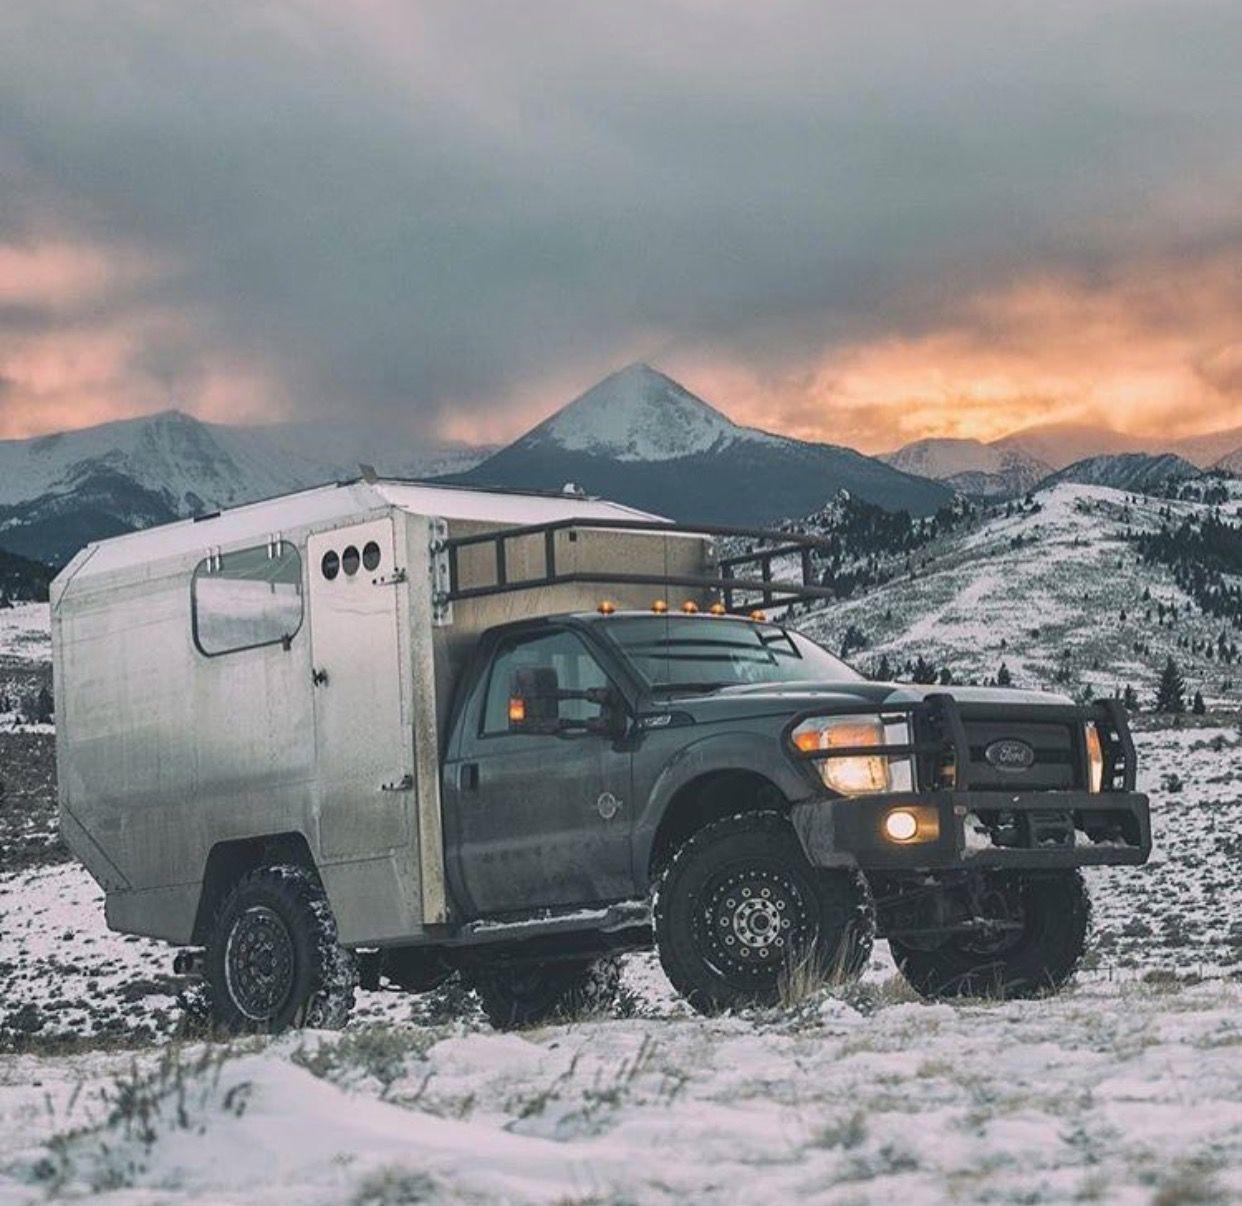 Overland Overlanding, Build a camper, Overland vehicles